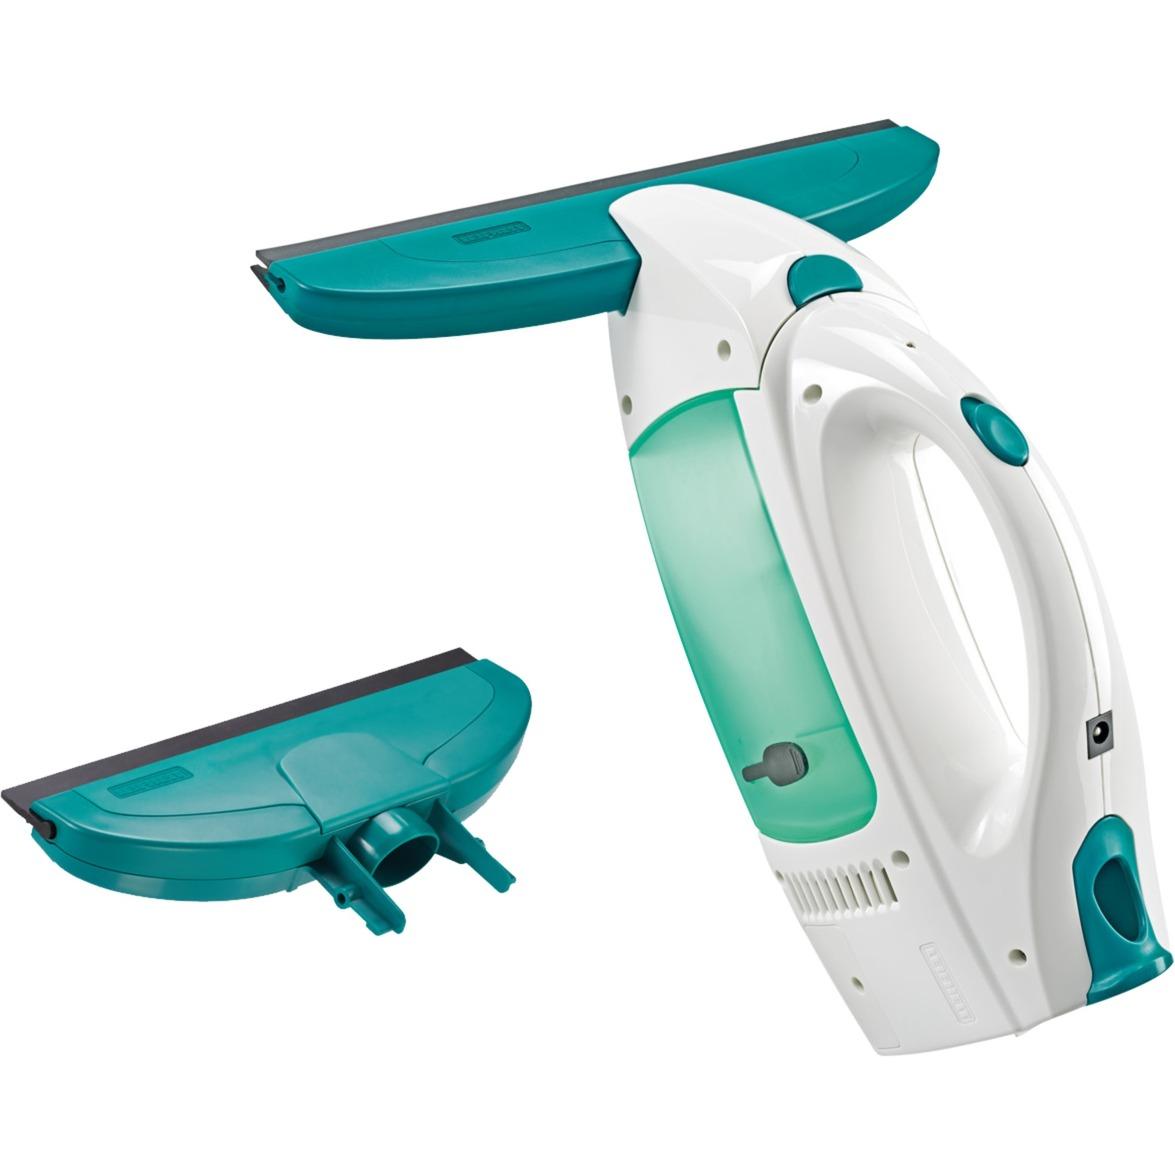 51004 Gris, Blanco limpiador eléctrico ventana, Aspiradora de ventanas